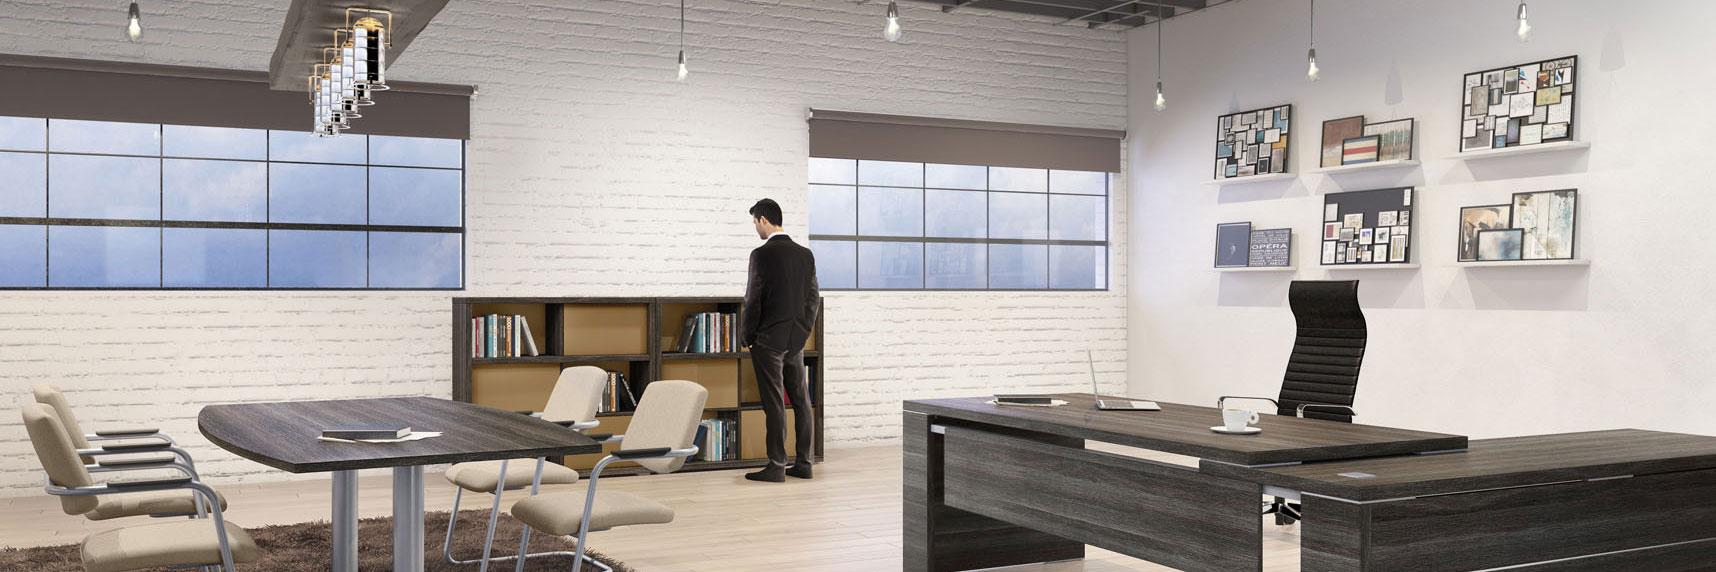 Projet d'aménagement de bureau limiter les difficultés